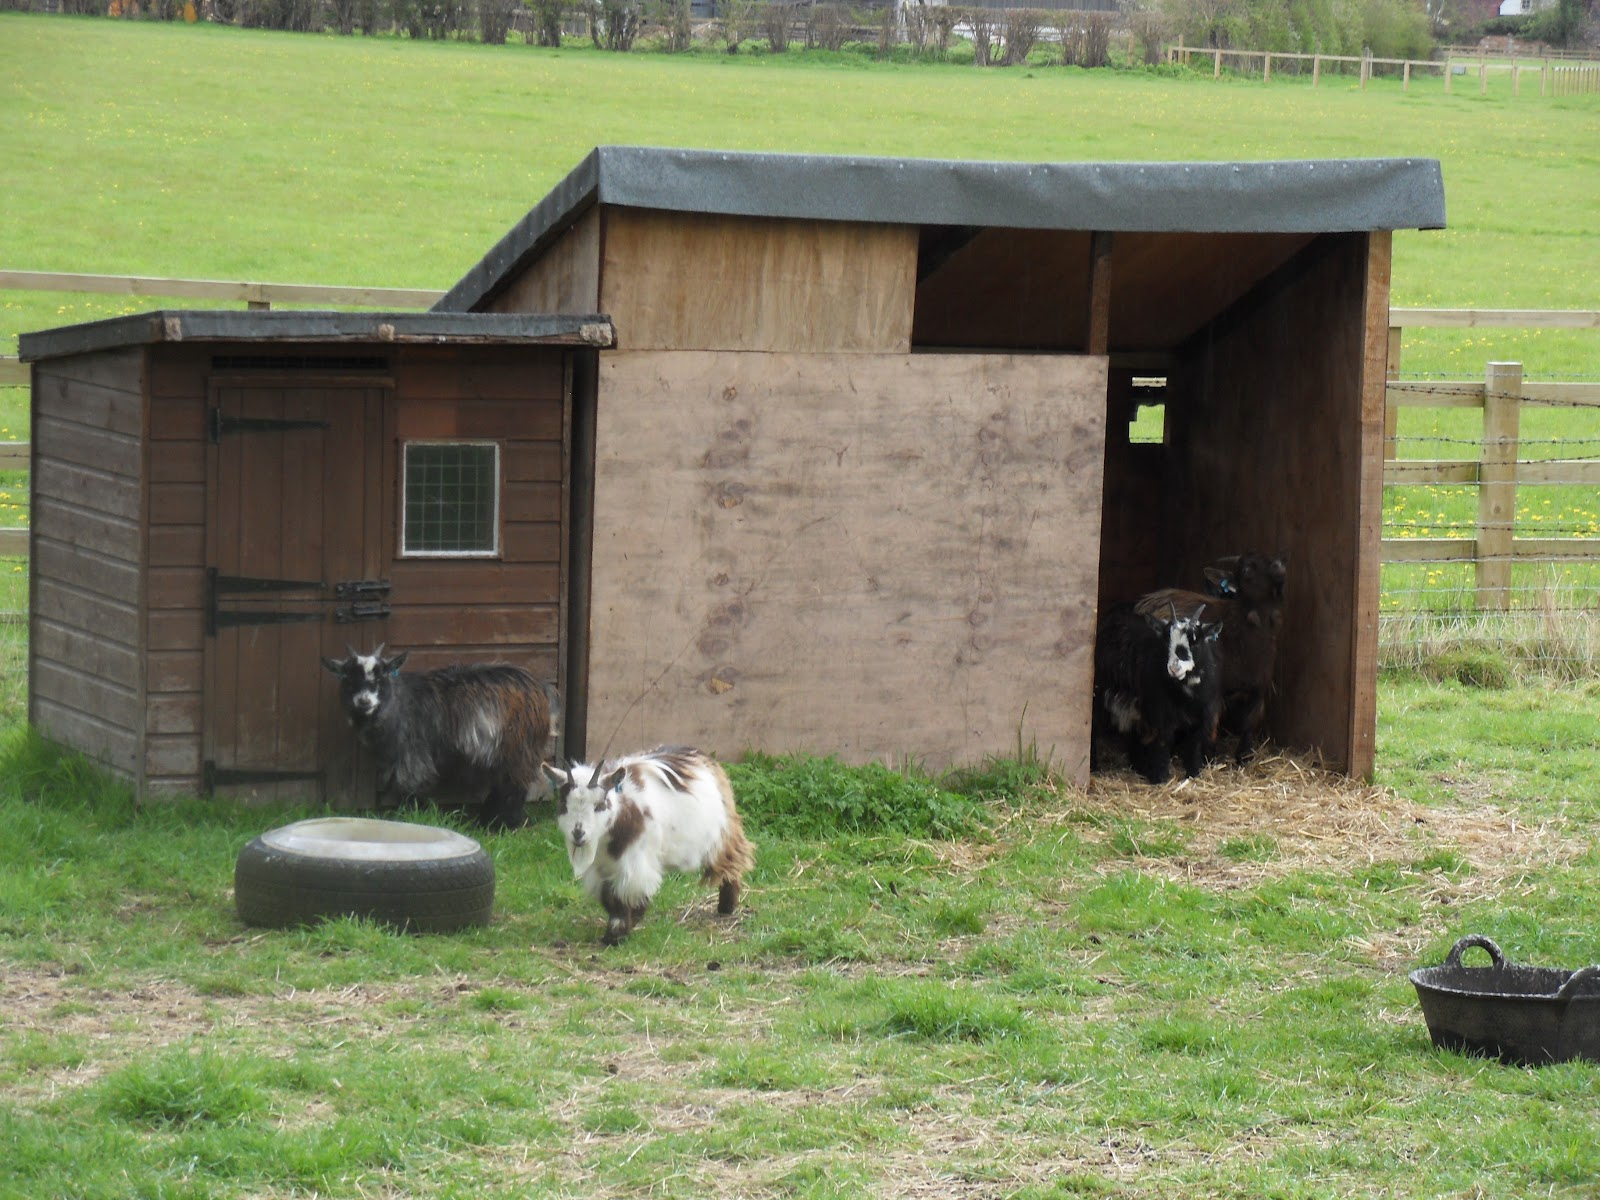 http://1.bp.blogspot.com/-JVW6yfQ9fnI/T5MRxBIOPsI/AAAAAAAAlMg/J8ptPtpkEqE/s1600/goats.JPG